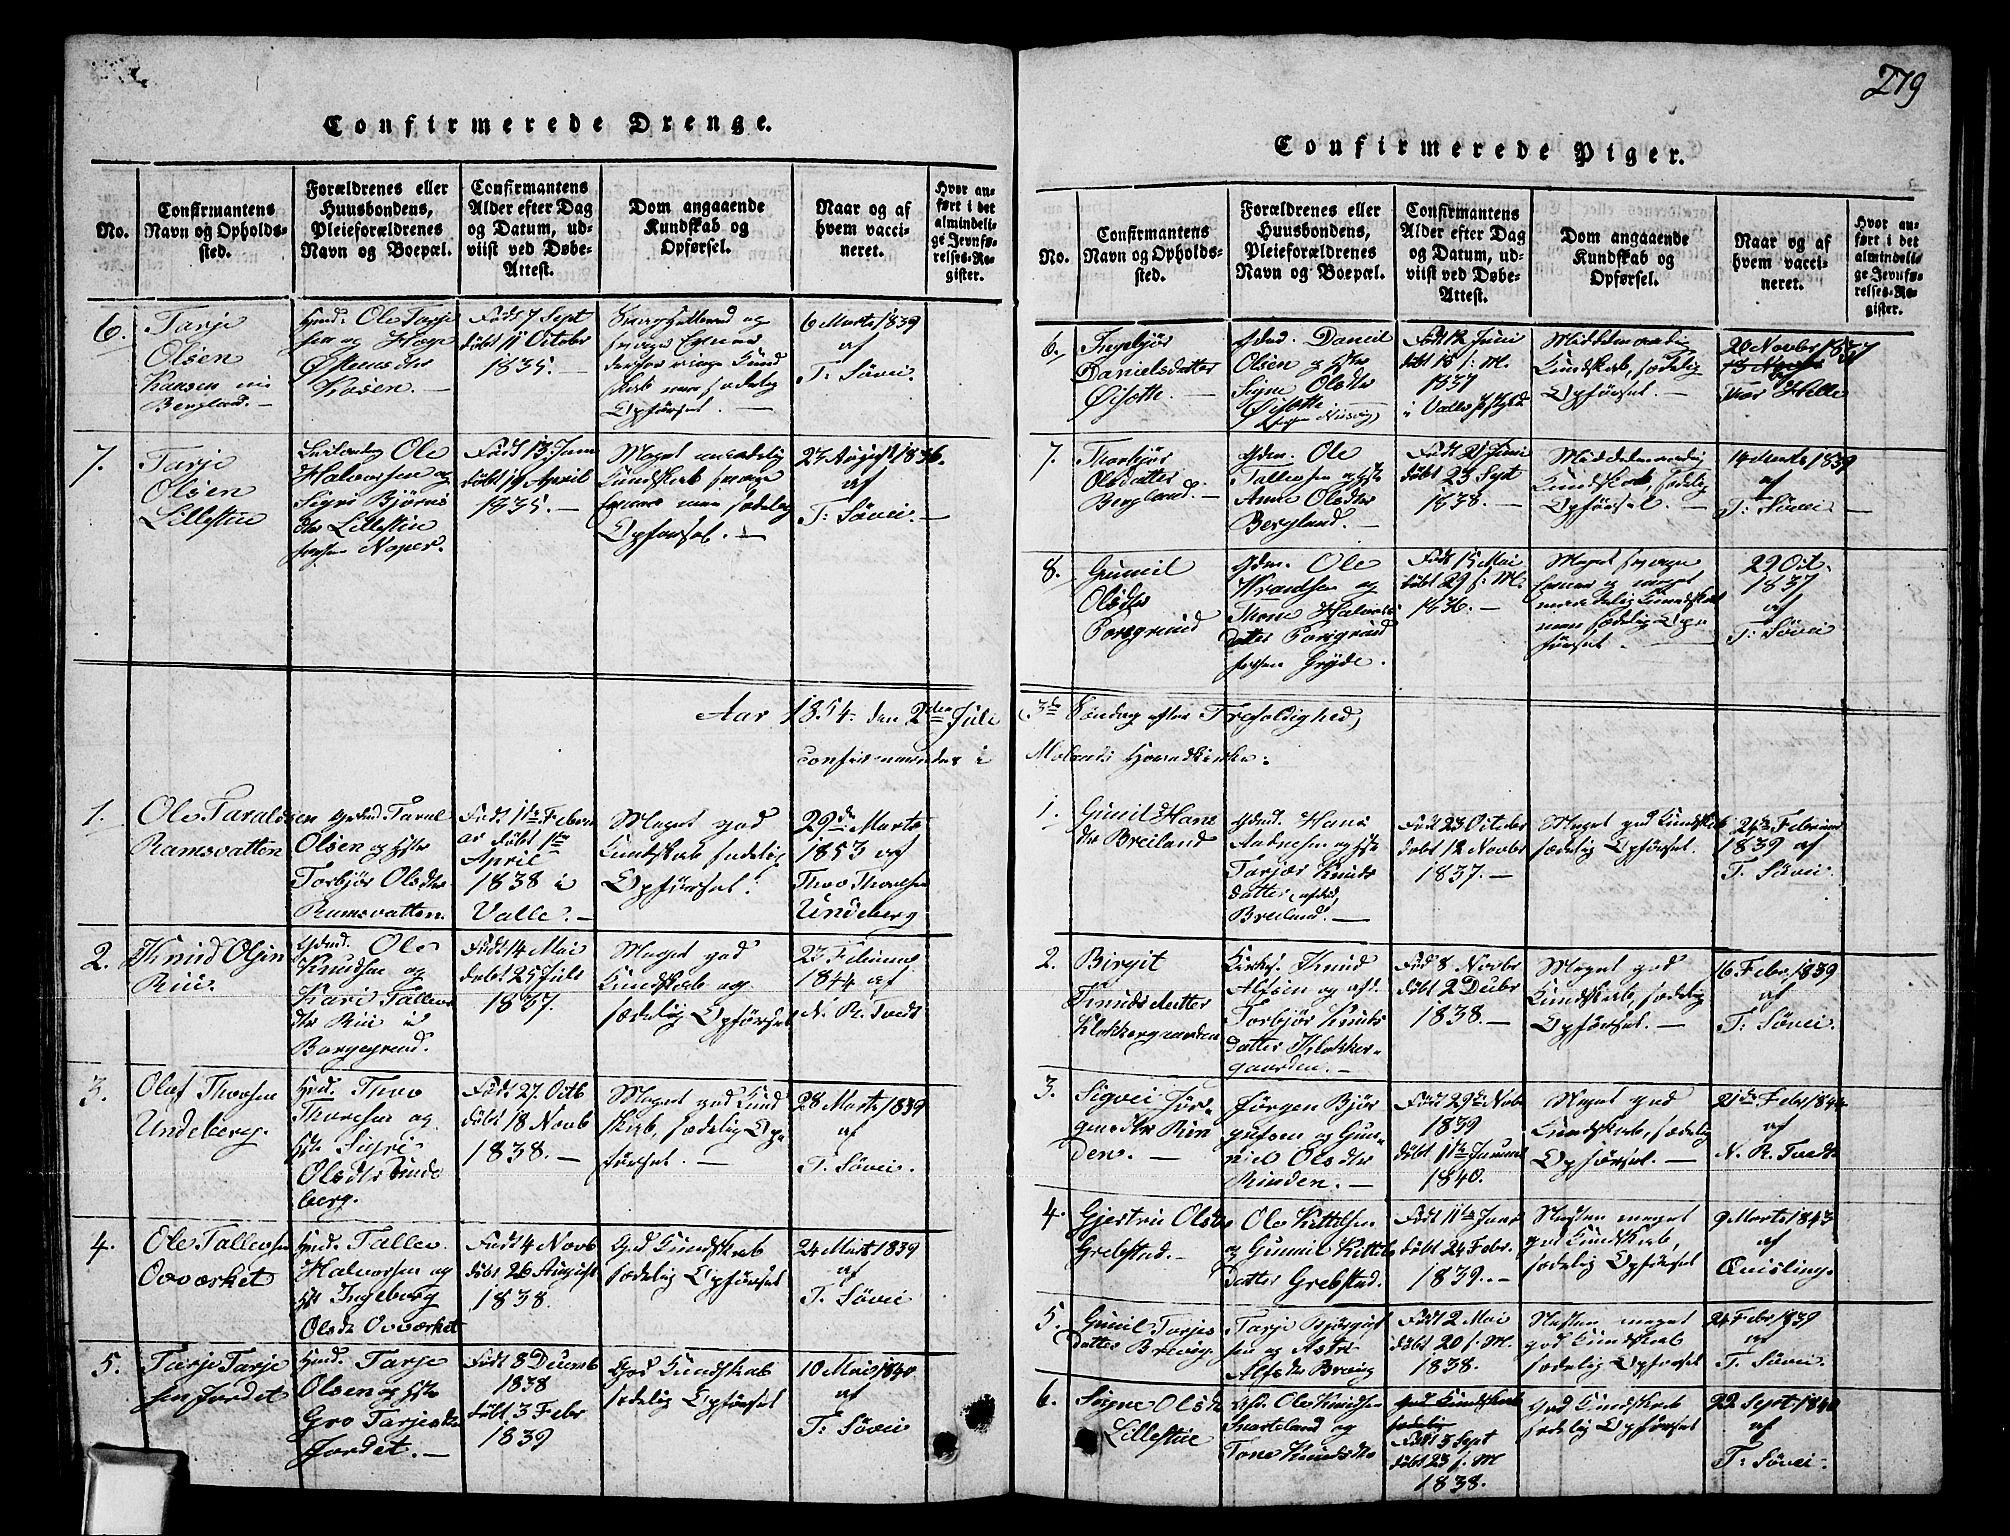 SAKO, Fyresdal kirkebøker, G/Ga/L0002: Klokkerbok nr. I 2, 1815-1857, s. 279